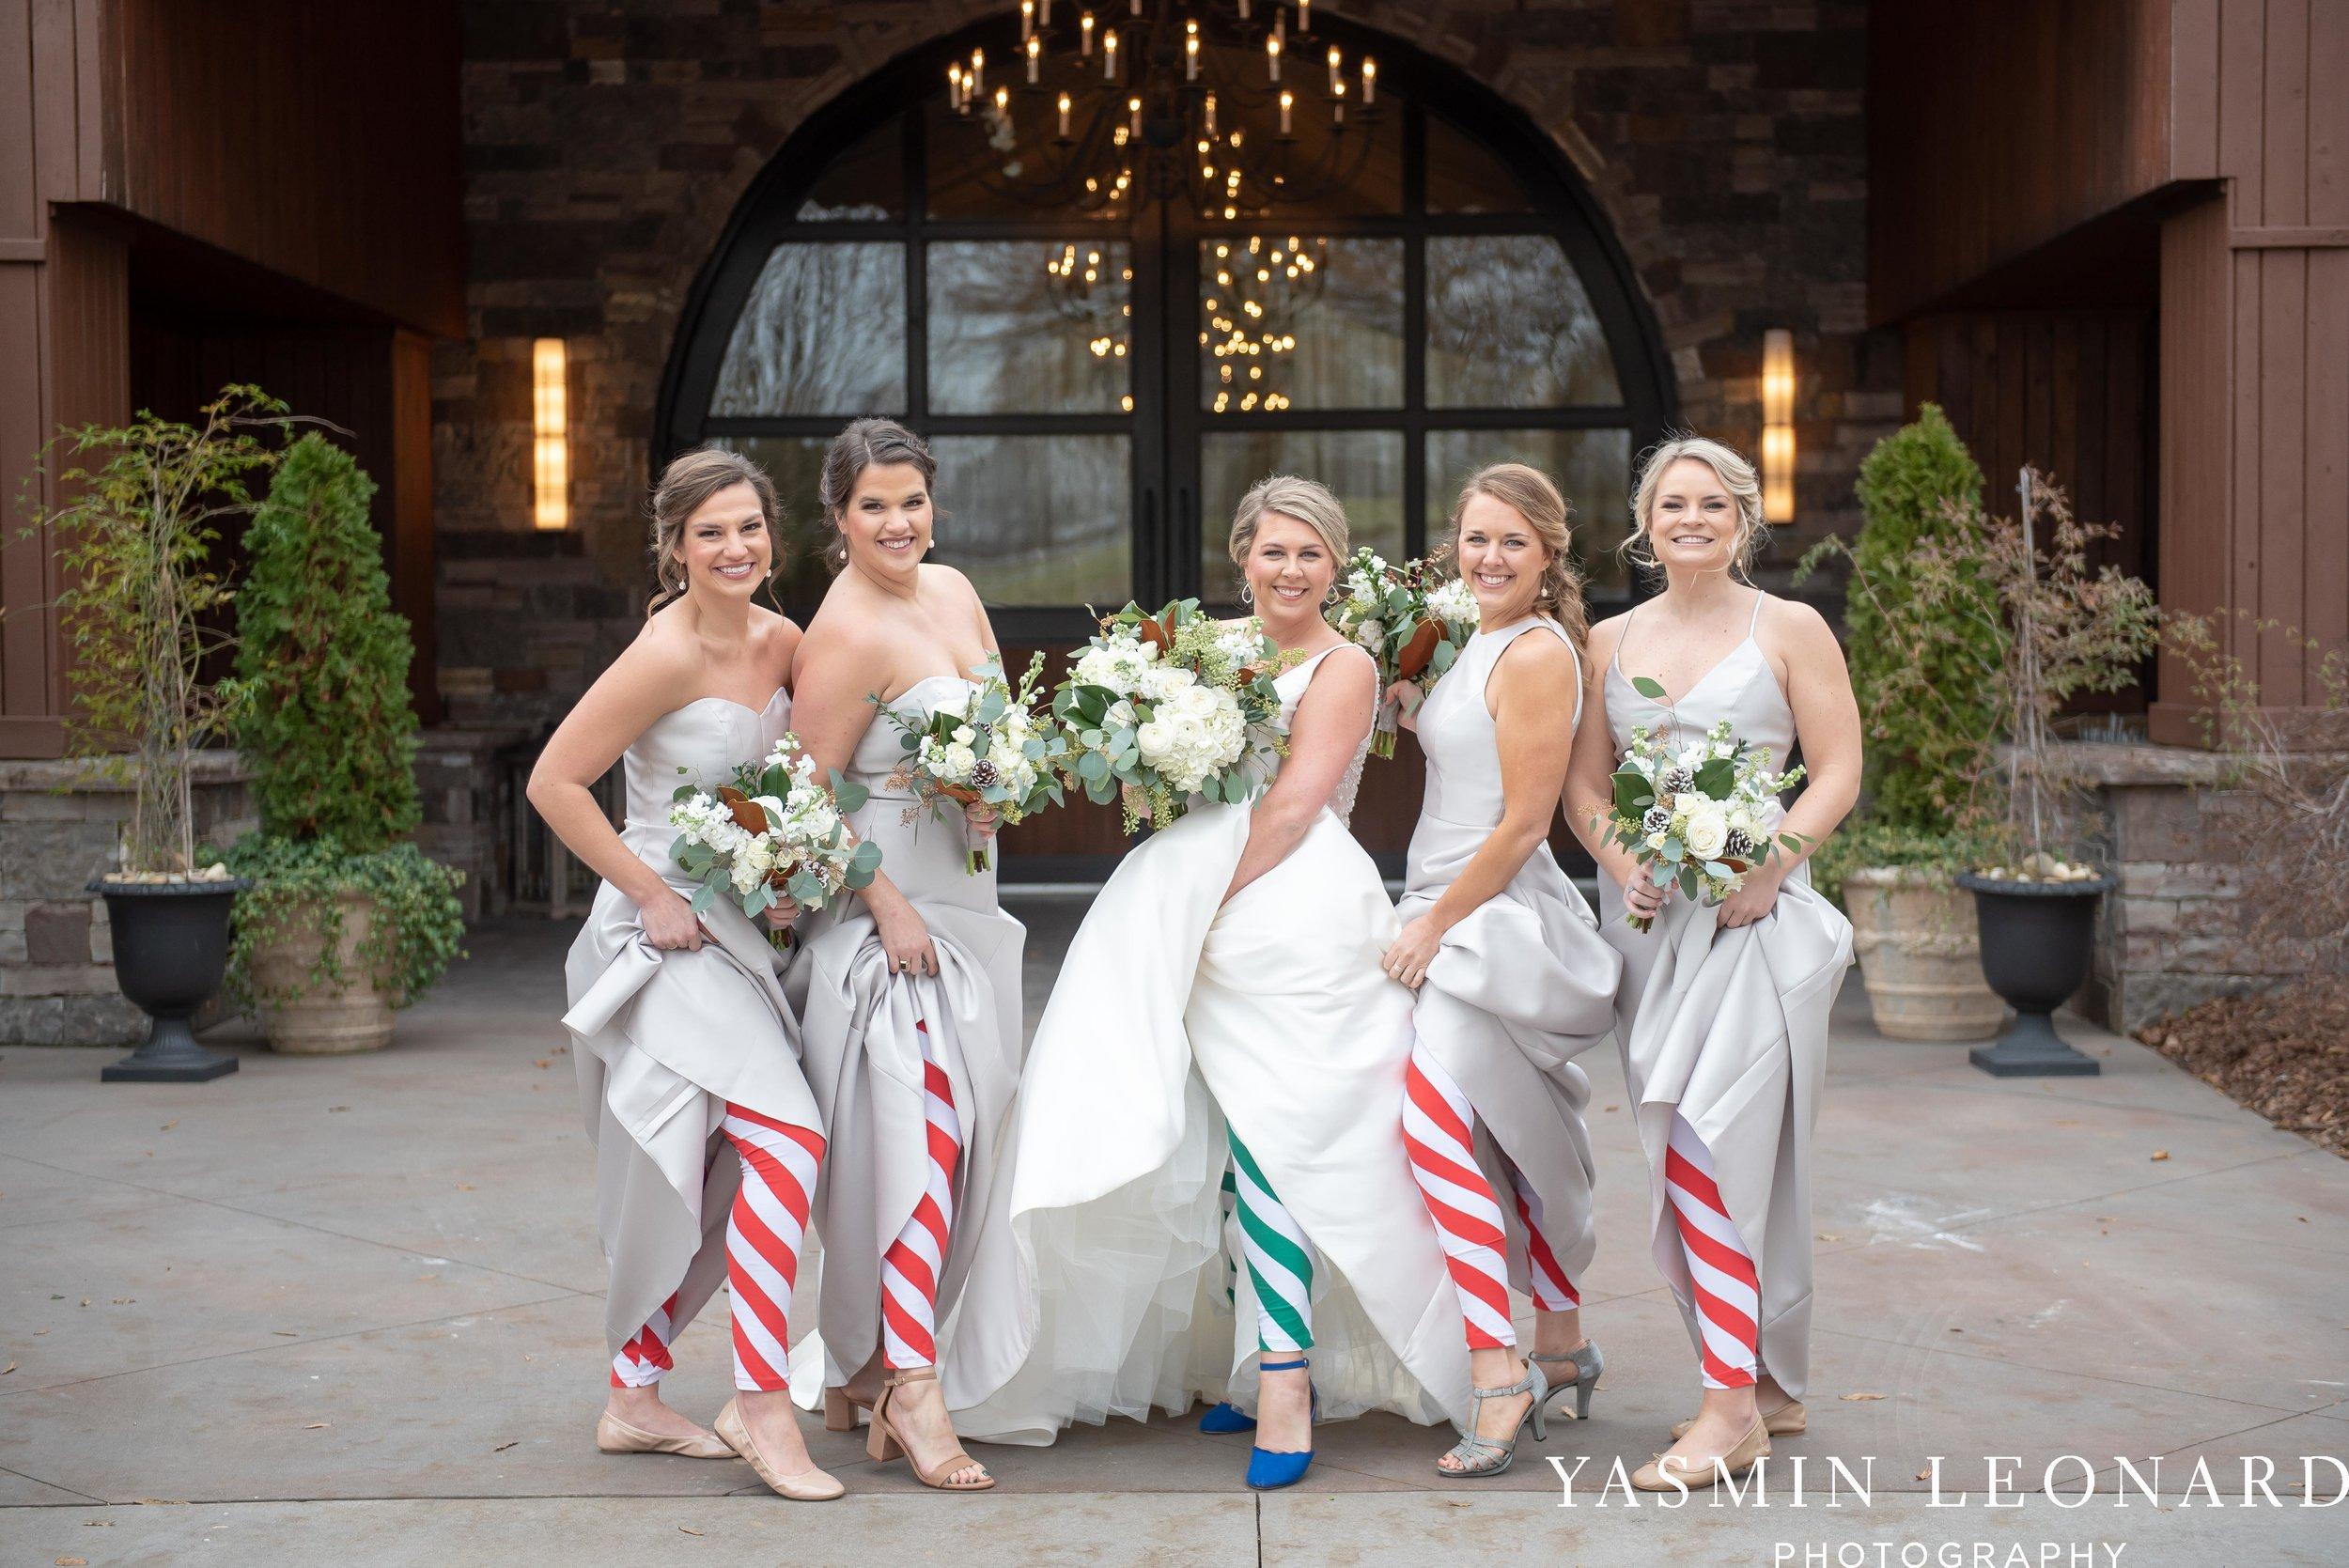 Adaumont Farm - Wesley Memorial Weddings - High Point Weddings - Just Priceless - NC Wedding Photographer - Yasmin Leonard Photography - High Point Wedding Vendors-17.jpg